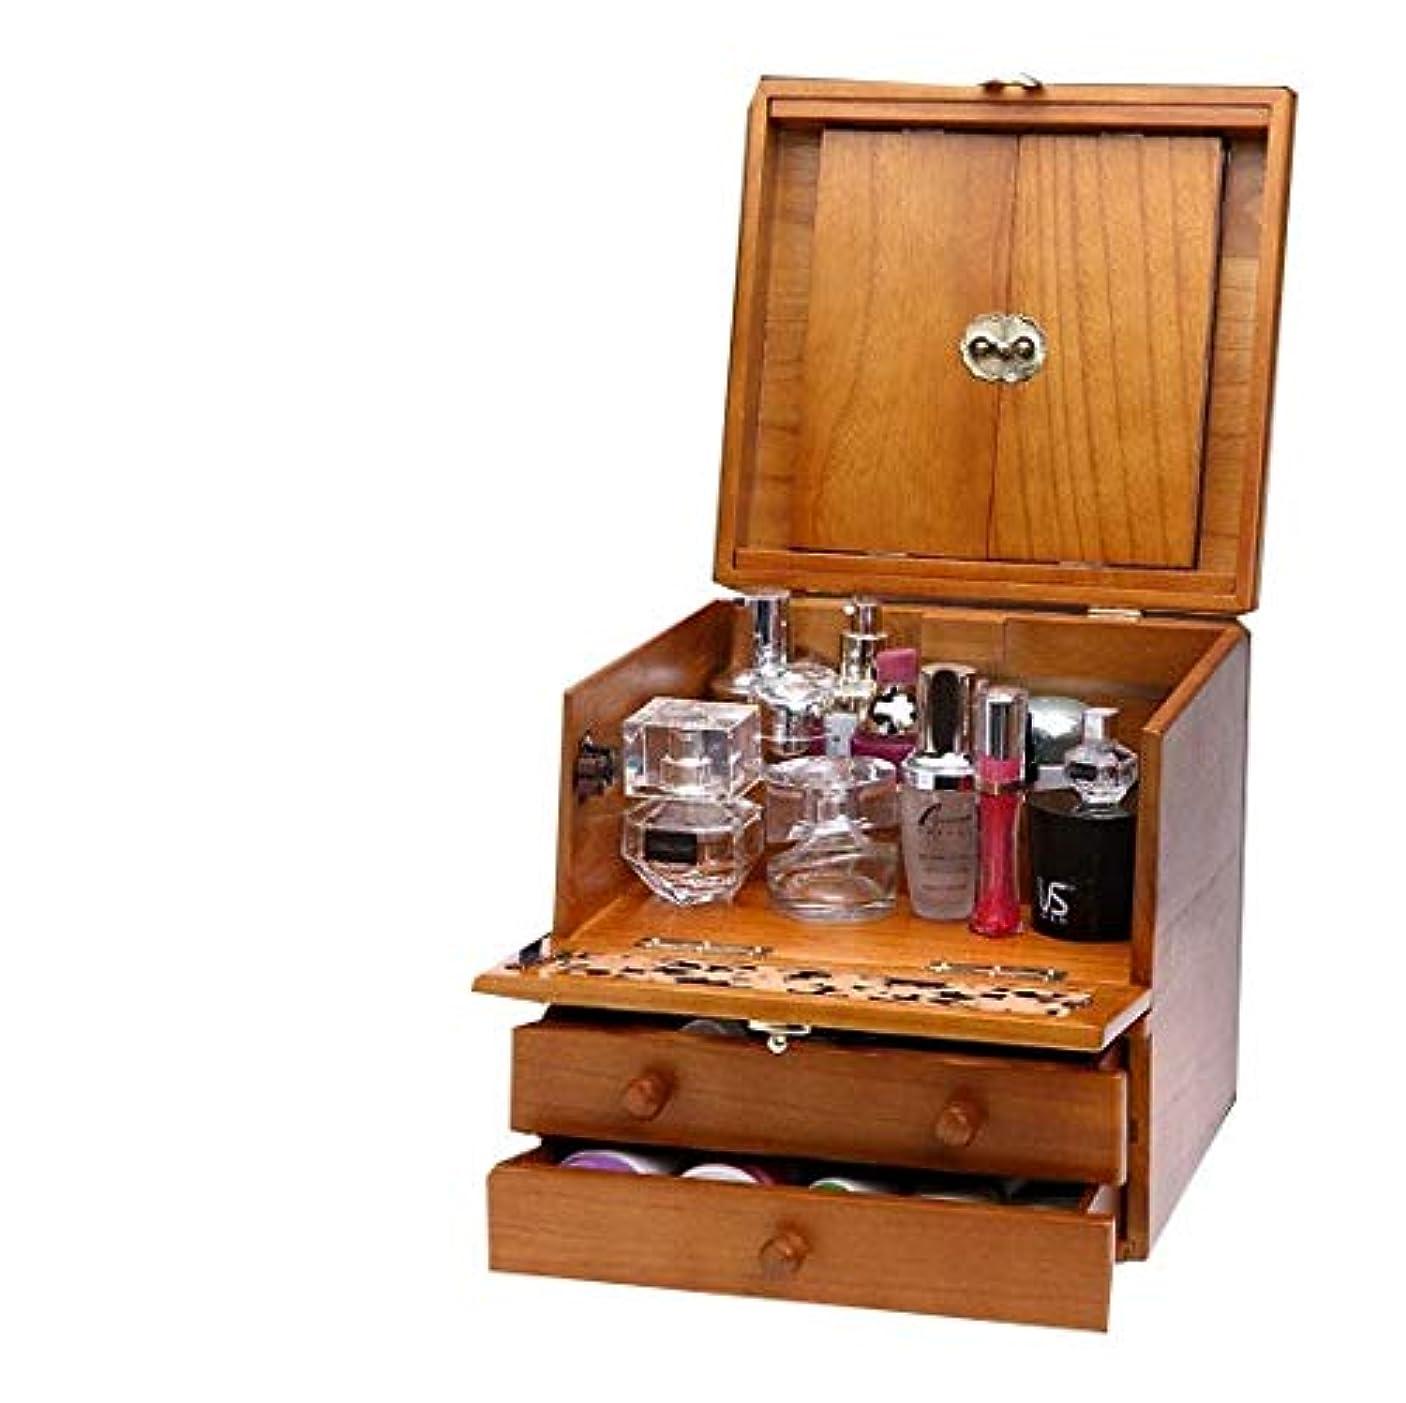 アンデス山脈複数共和国化粧箱、3層レトロ木製彫刻化粧ケース付きミラー、ハイエンドのウェディングギフト、新築祝いのギフト、美容ネイルジュエリー収納ボックス